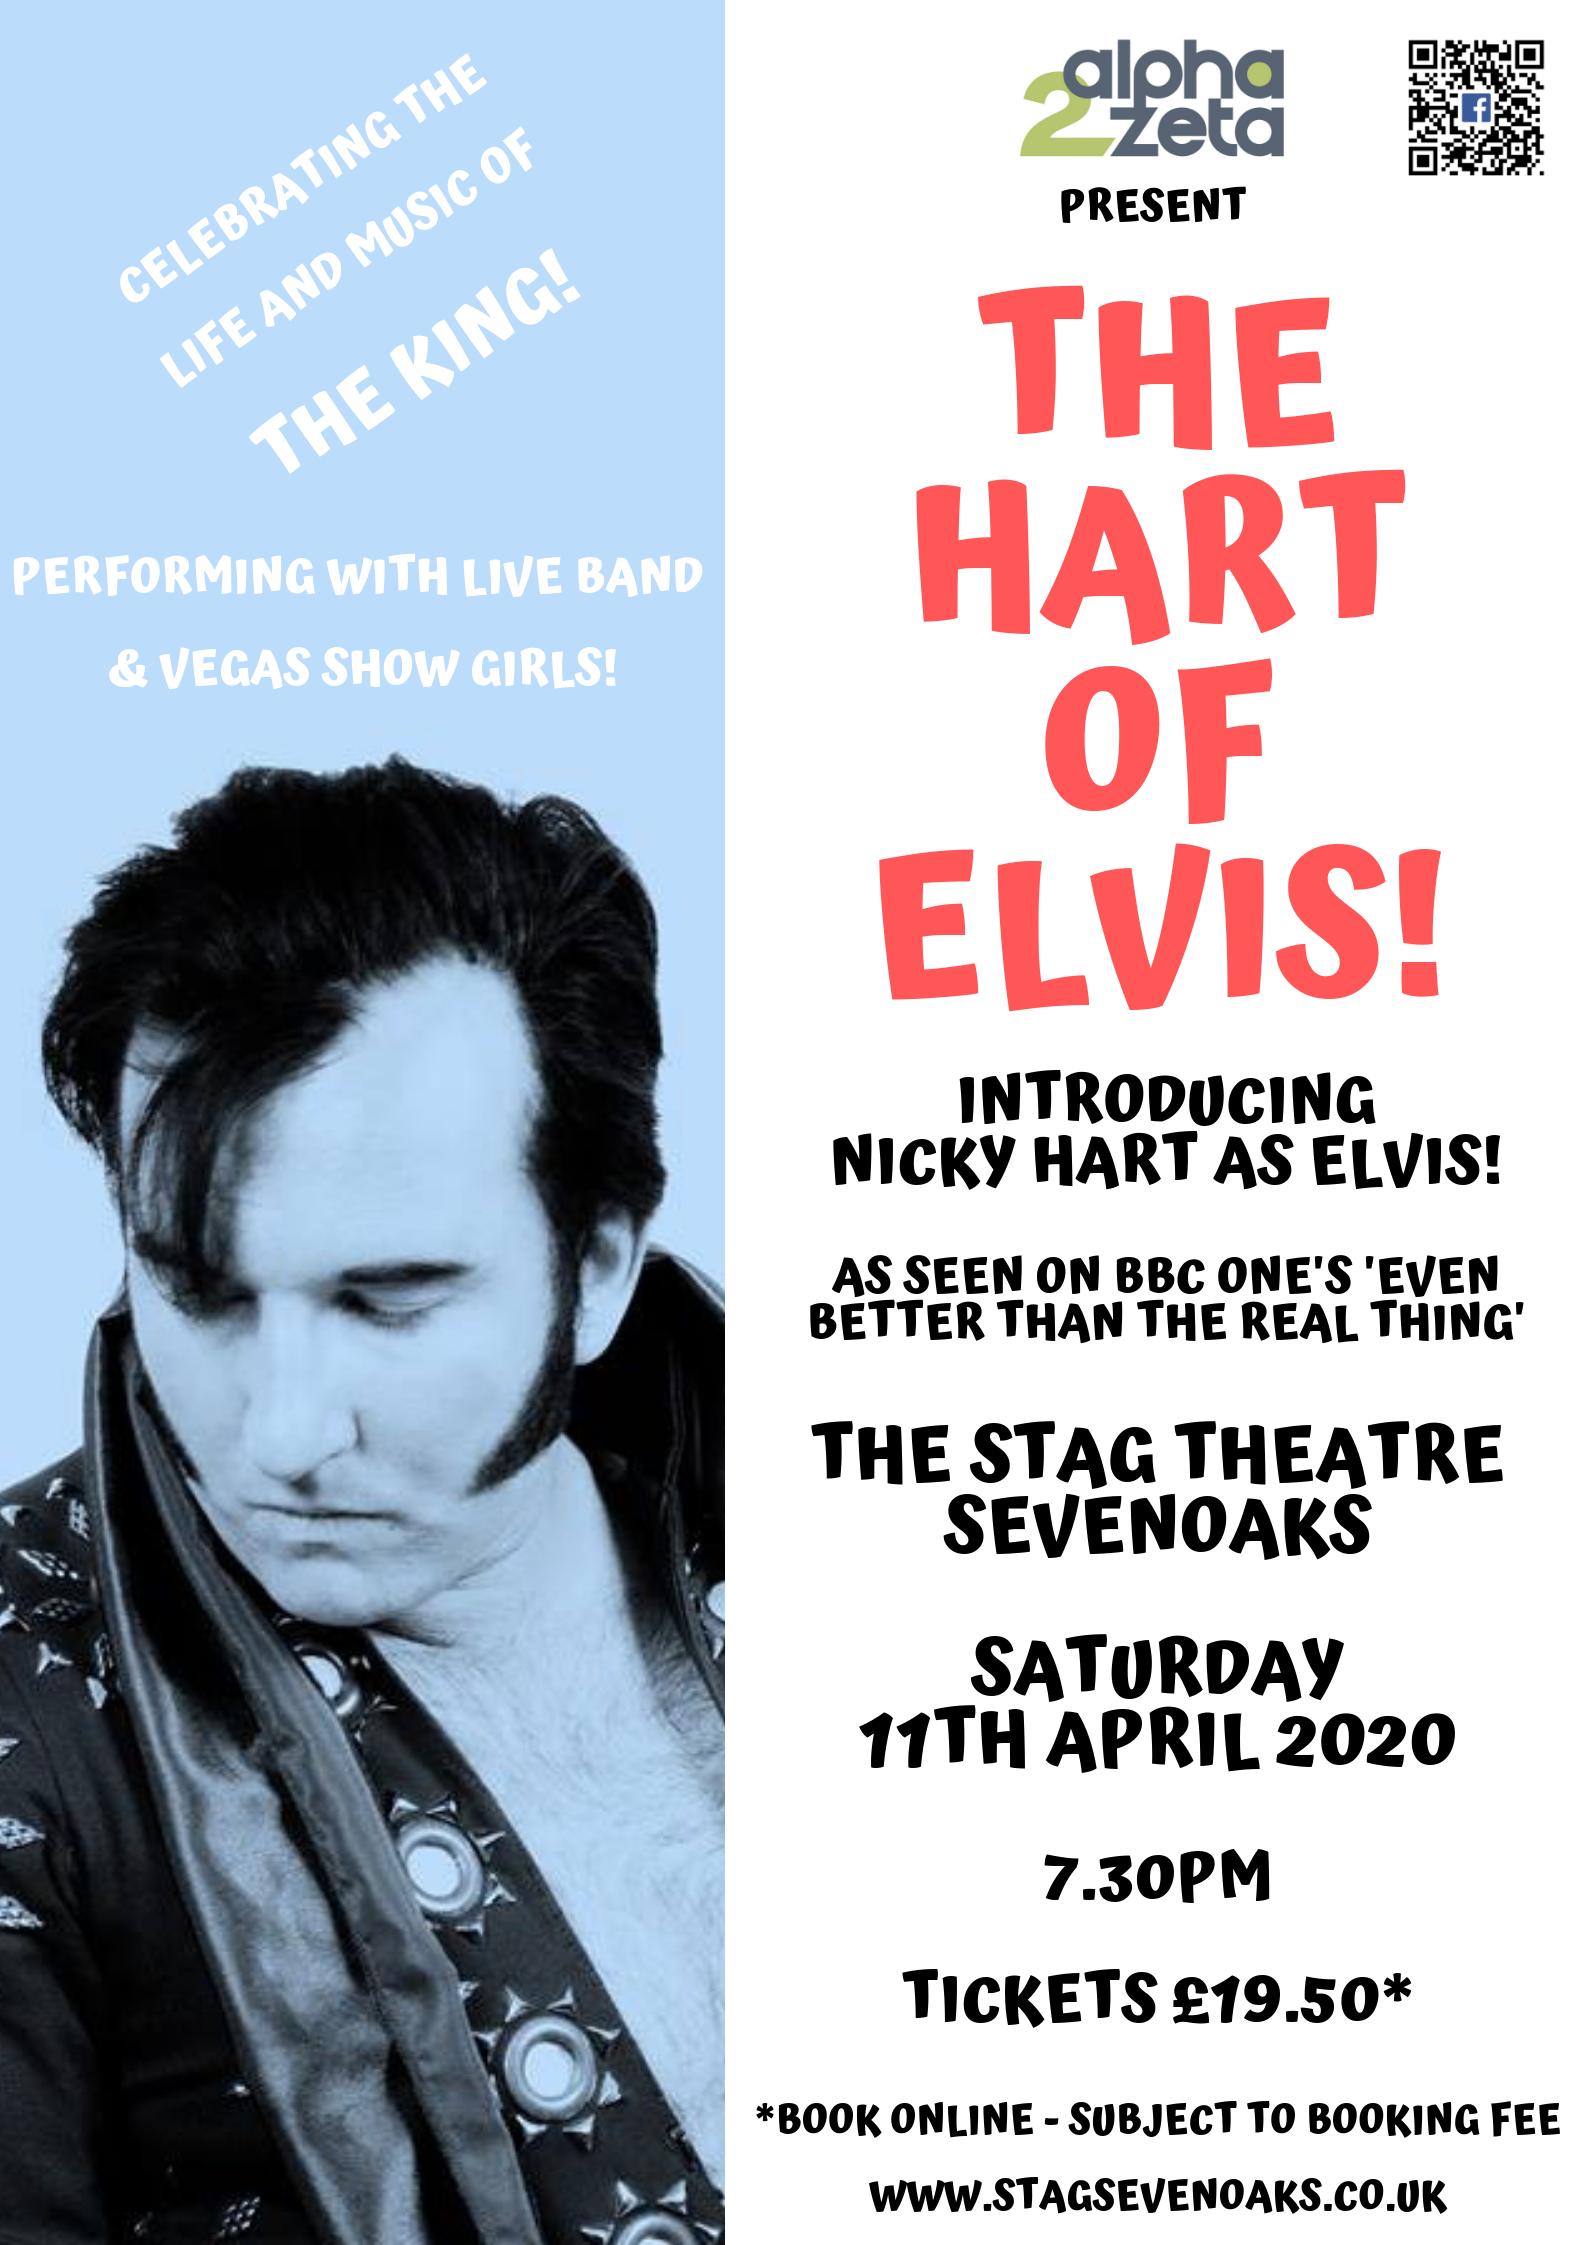 Sevenoaks - 11th April 2020